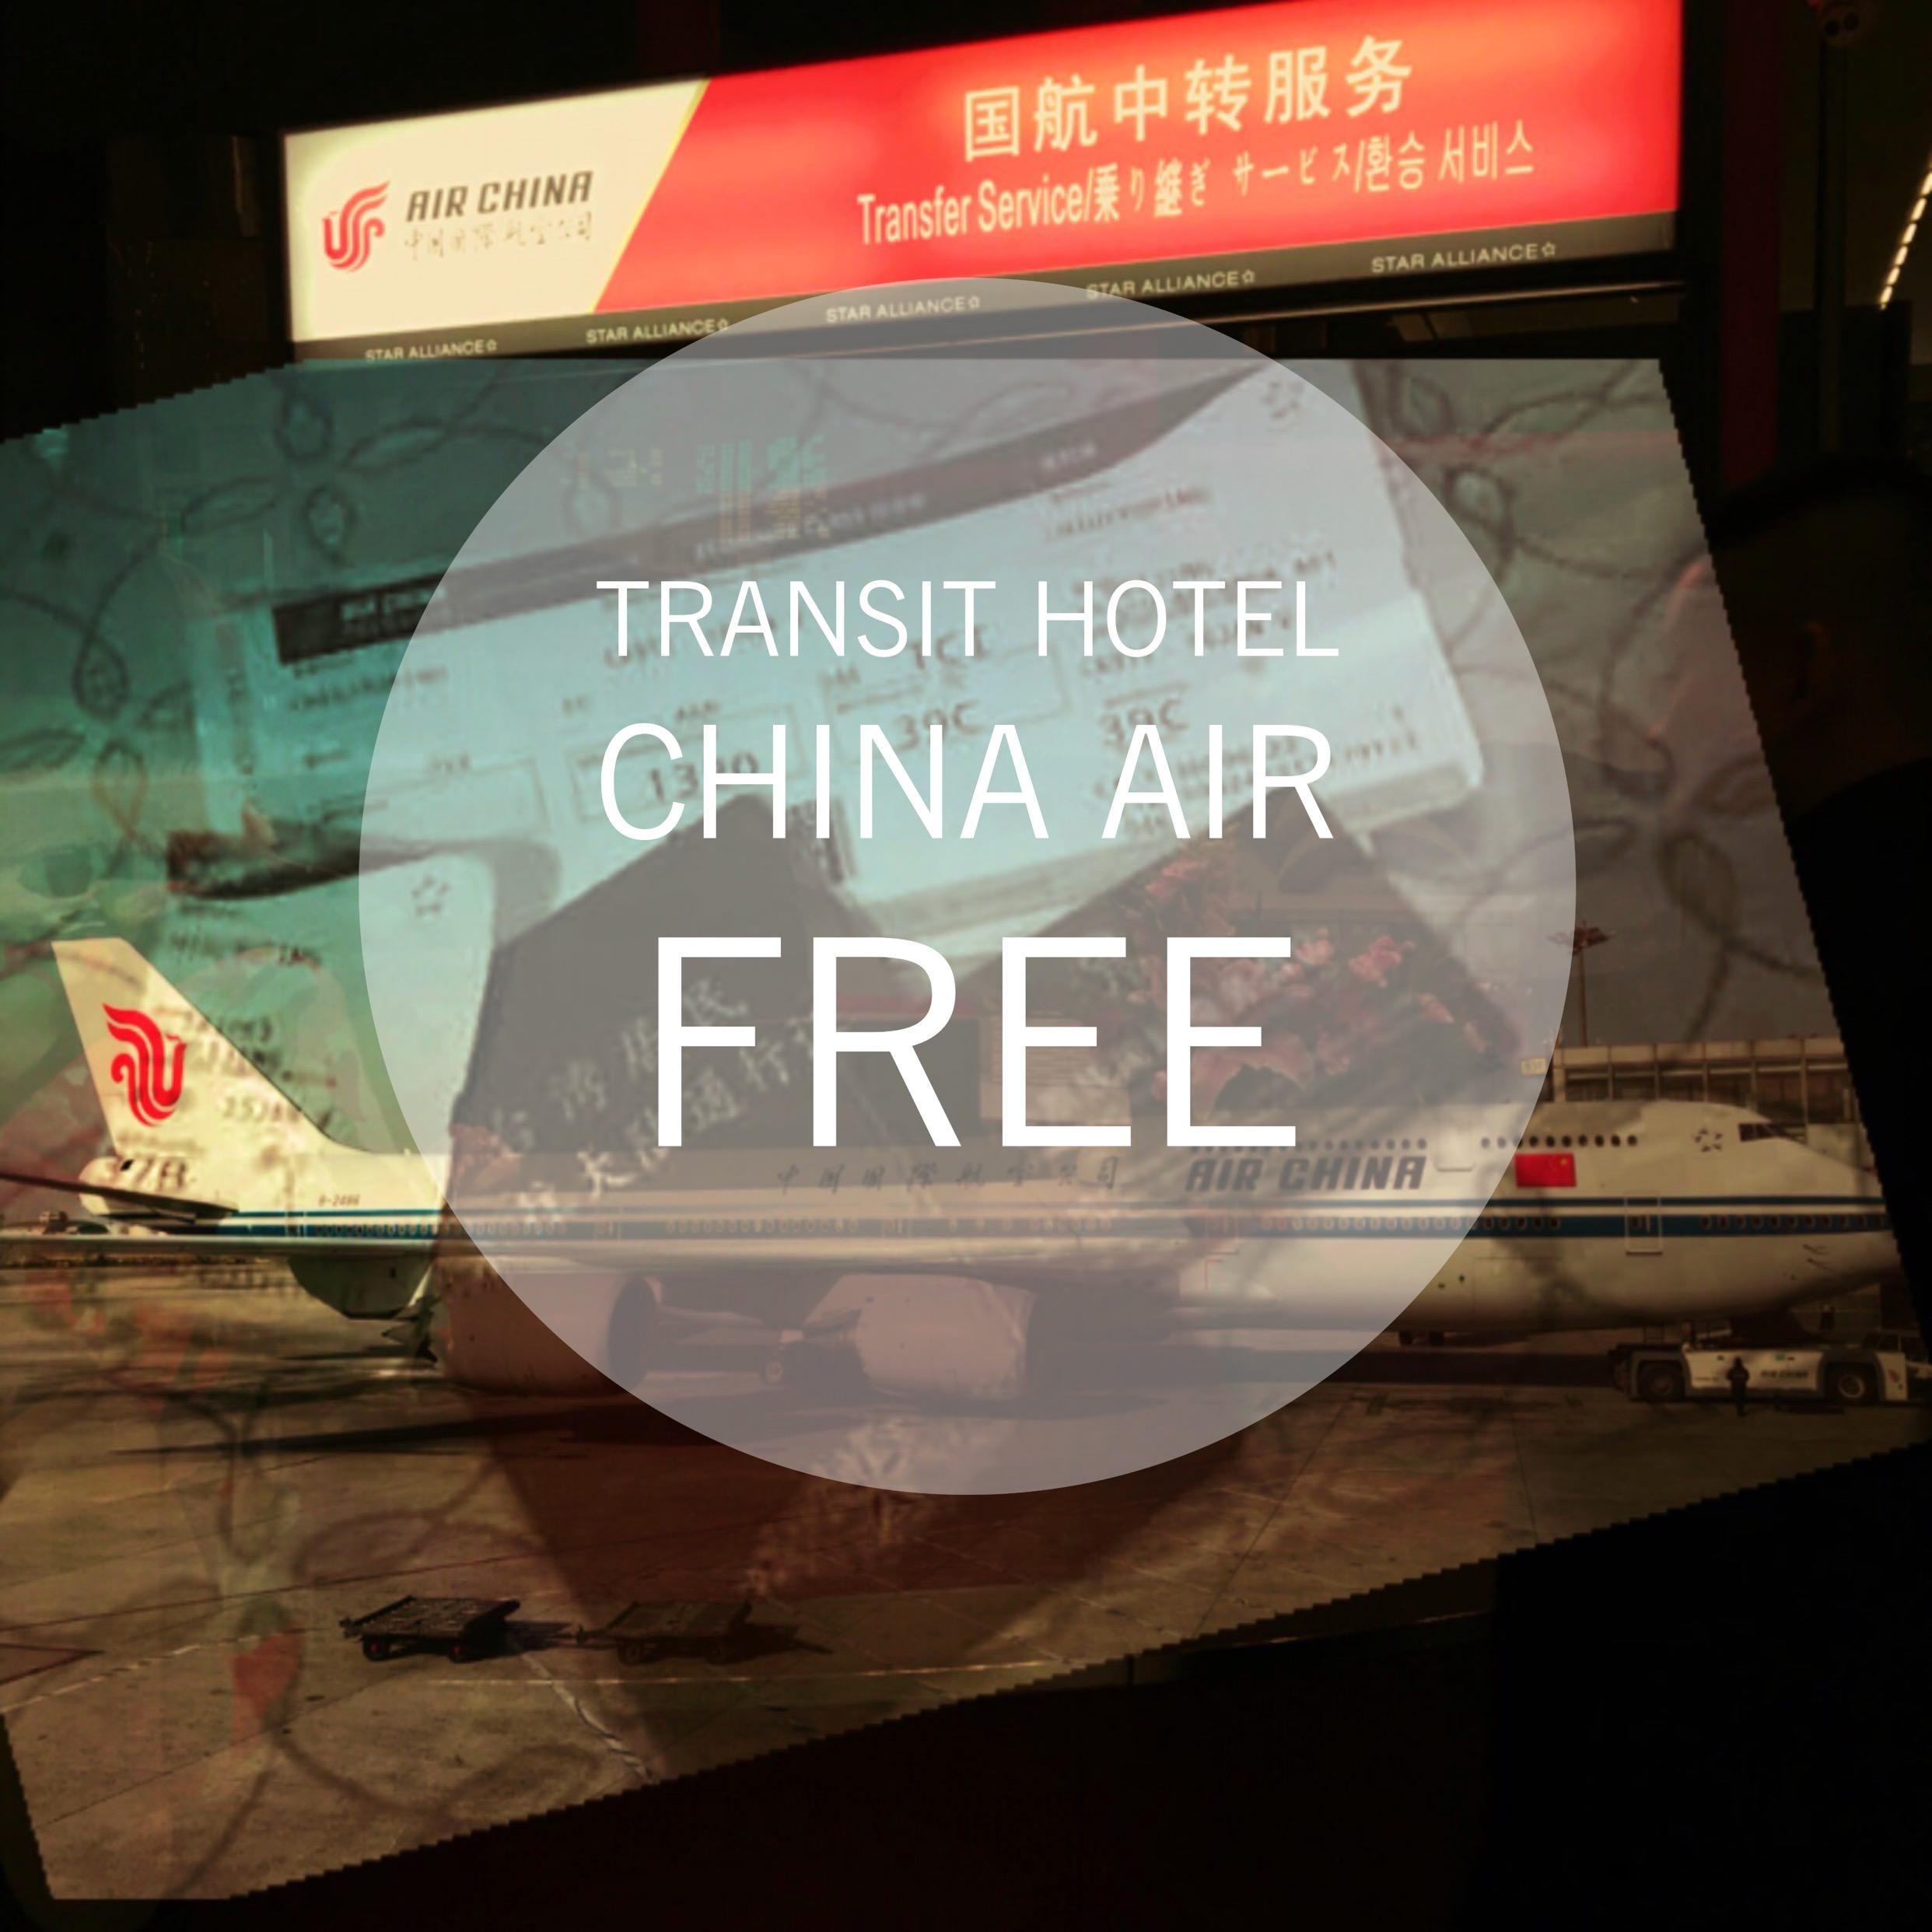 台北飛歐洲廉價機票你要知道||免費中轉旅館怎麼訂? 中國國際航空限重?超重費?